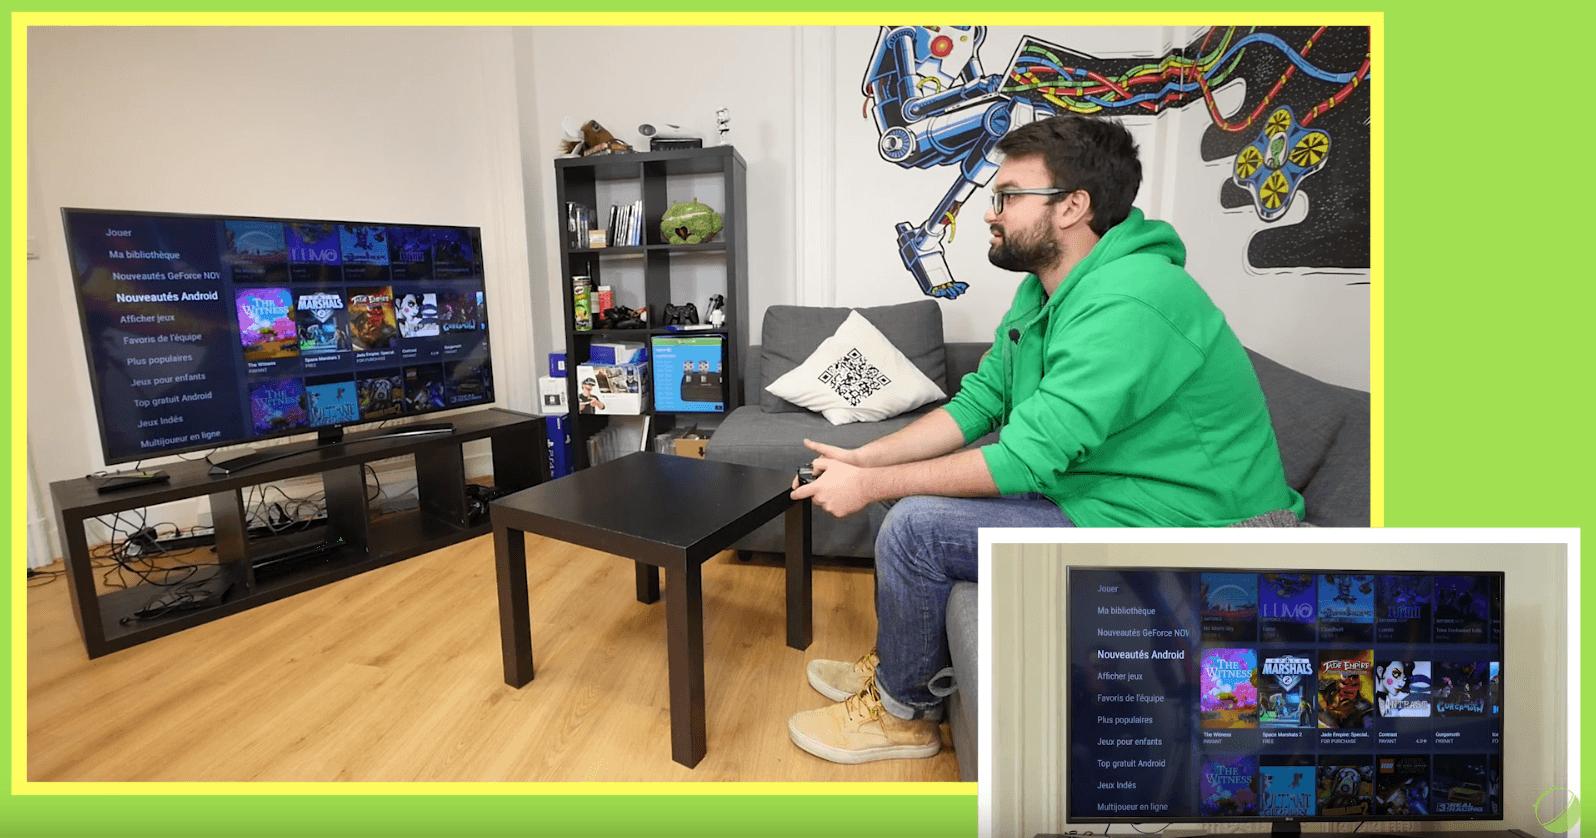 Vidéo : NVIDIA Shield TV (2017) 4K HDR, le test de 16 minutes